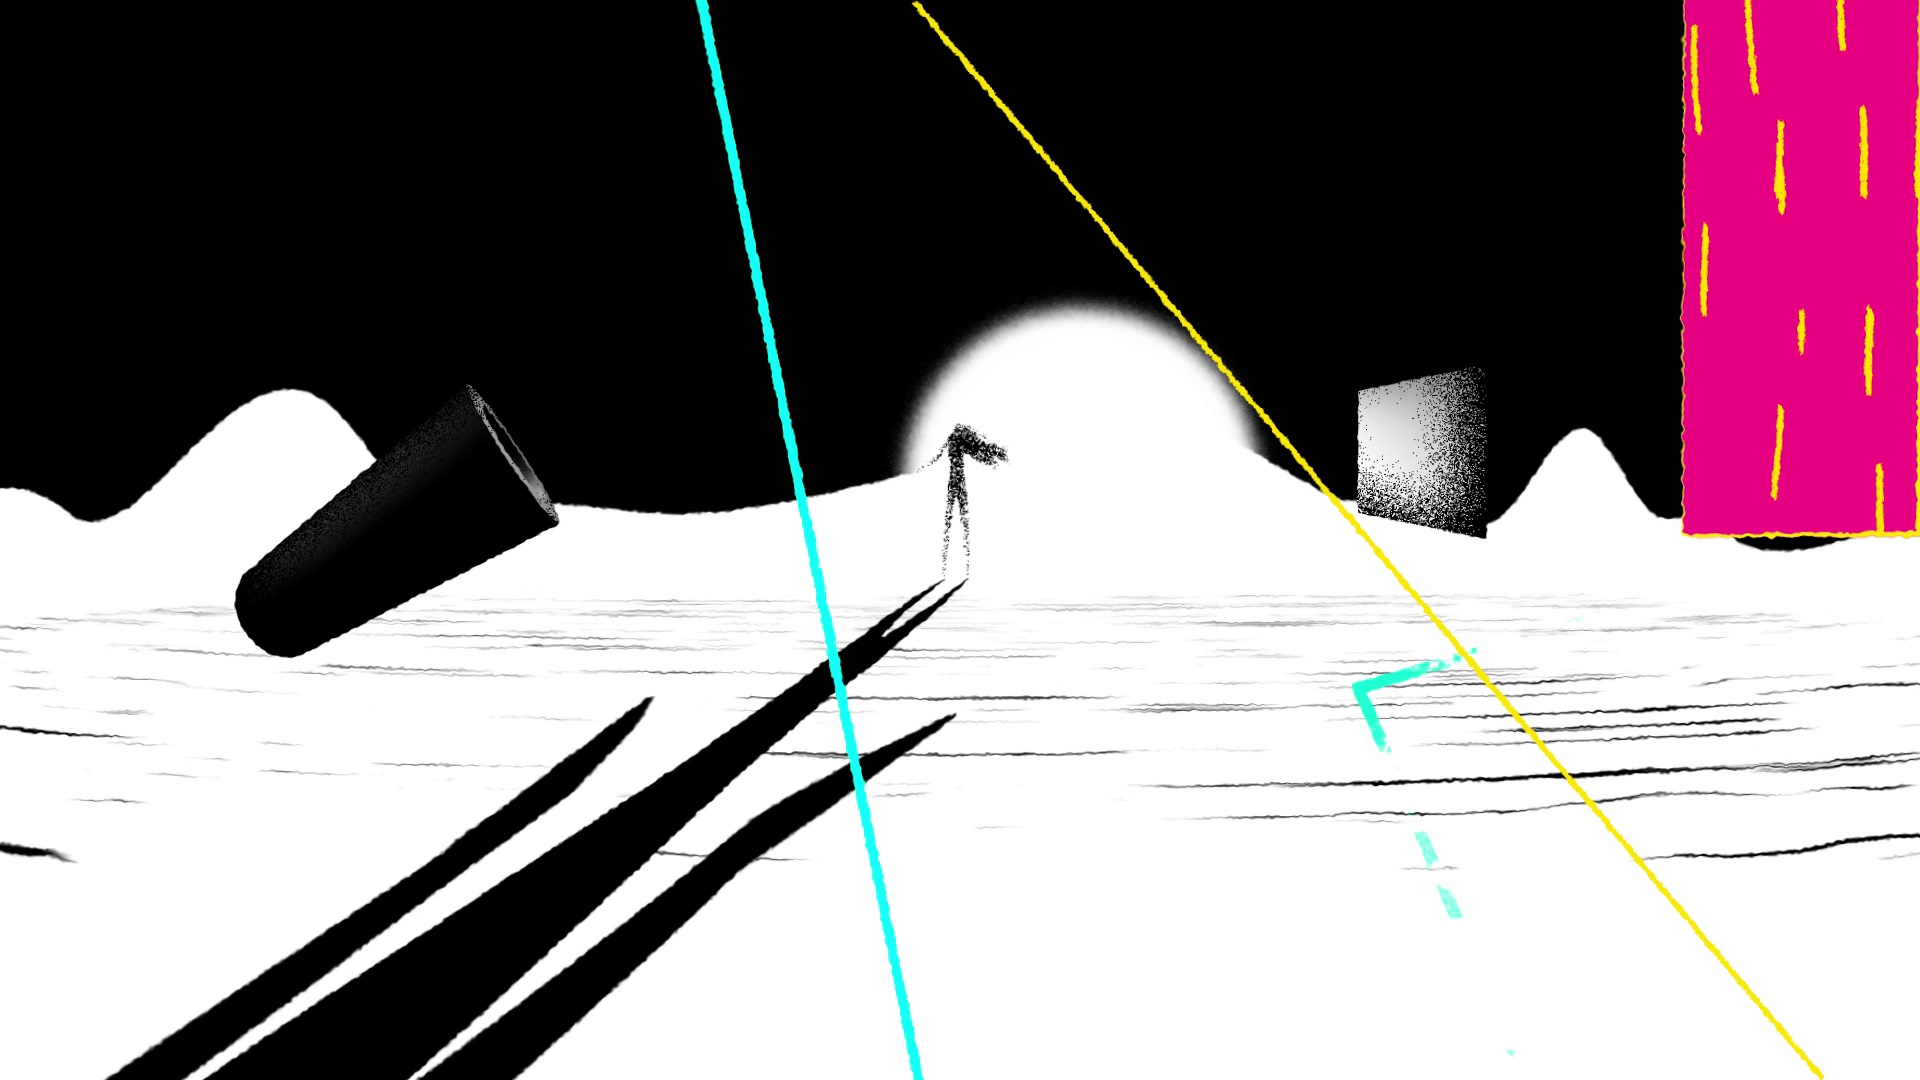 026 [MADC-19-EN00212] [80194] Headspace.jpg